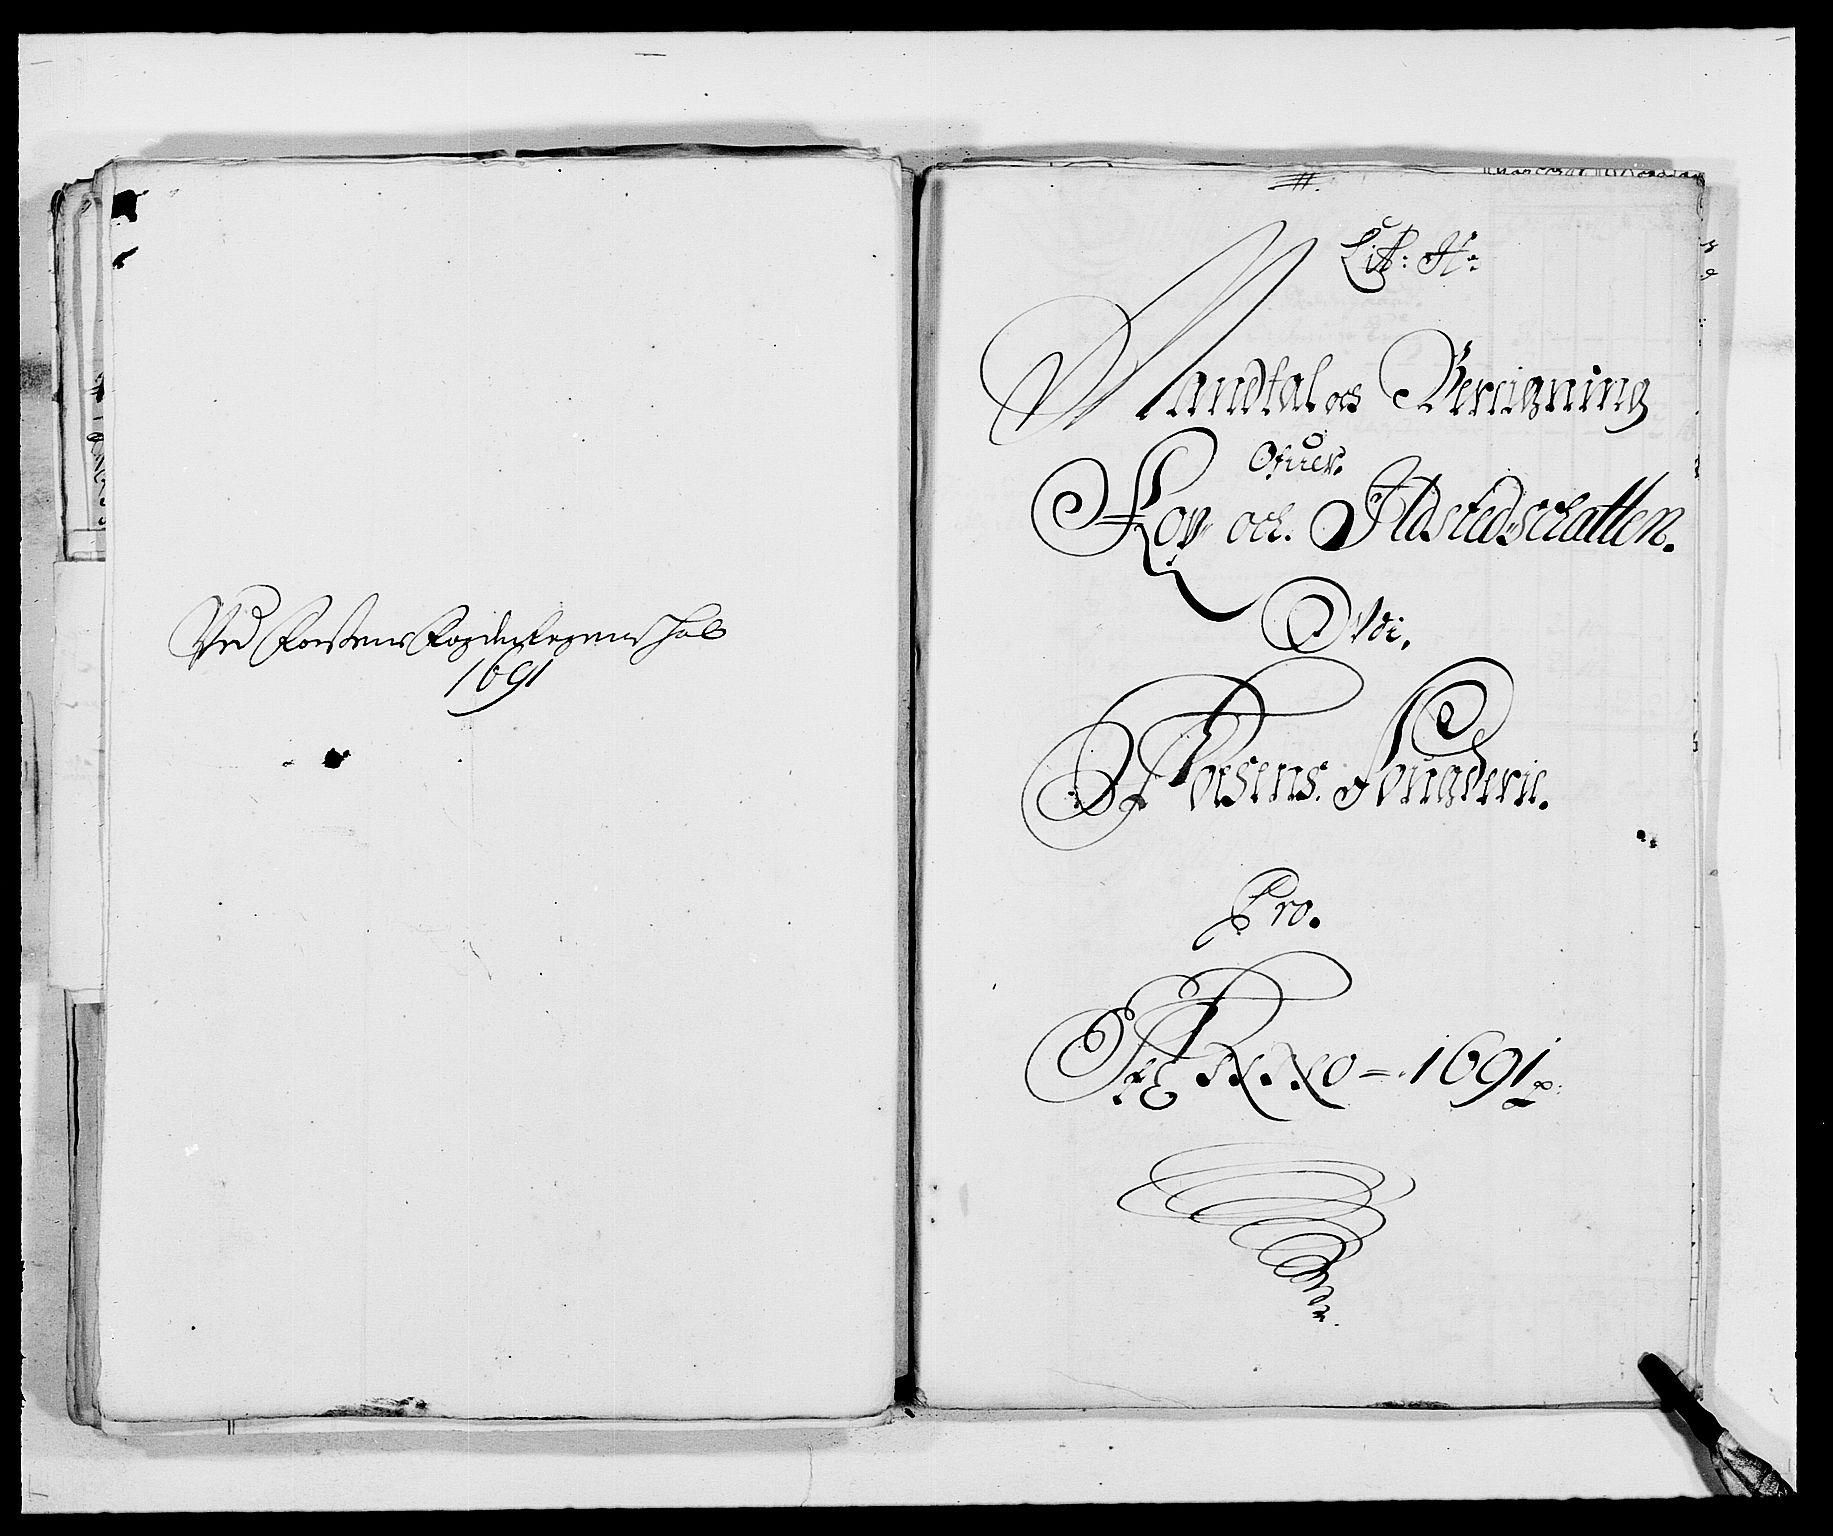 RA, Rentekammeret inntil 1814, Reviderte regnskaper, Fogderegnskap, R57/L3848: Fogderegnskap Fosen, 1690-1691, s. 281